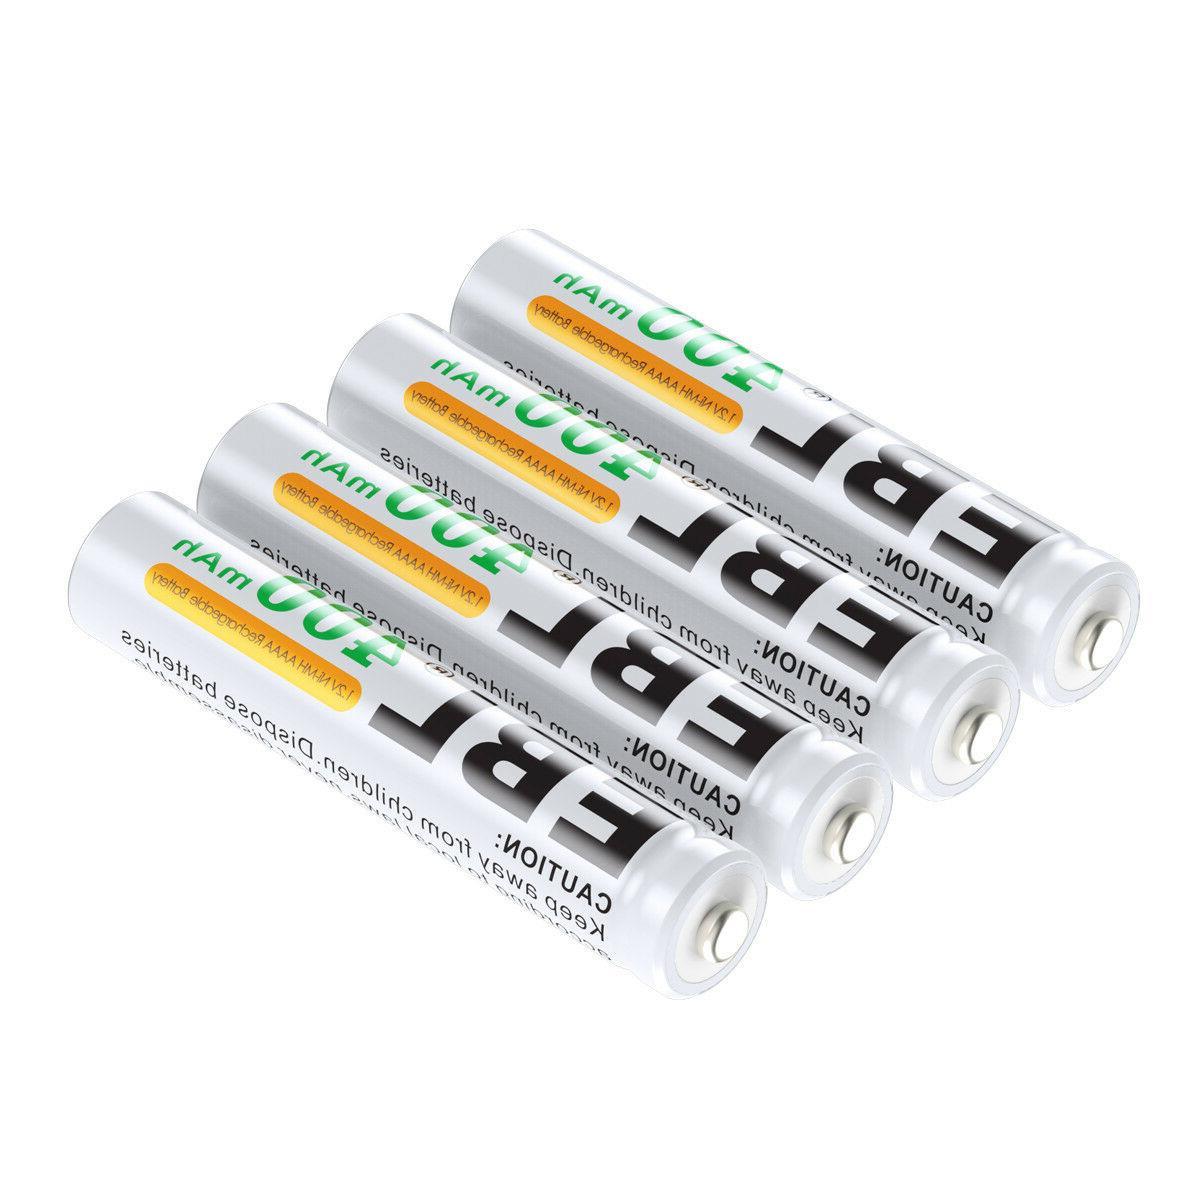 4x400mAh Rechargeable Batteries for Pen